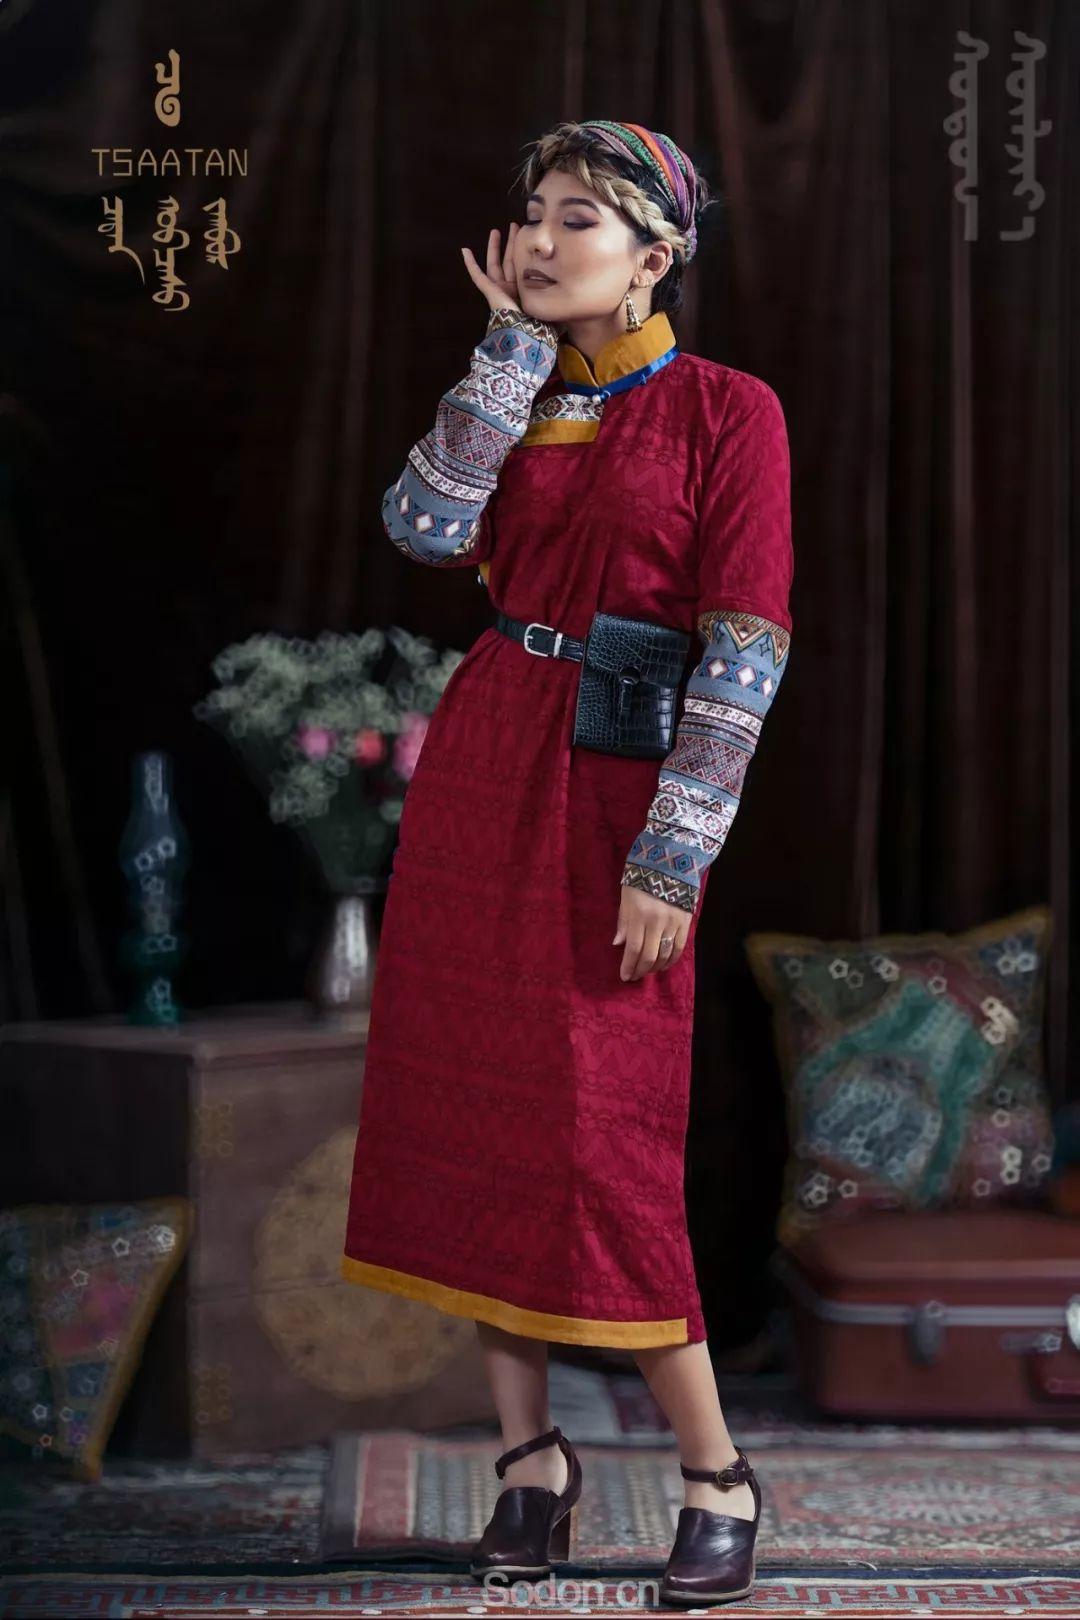 TSAATAN蒙古时装 2019新款,来自驯鹿人的独特魅力! 第55张